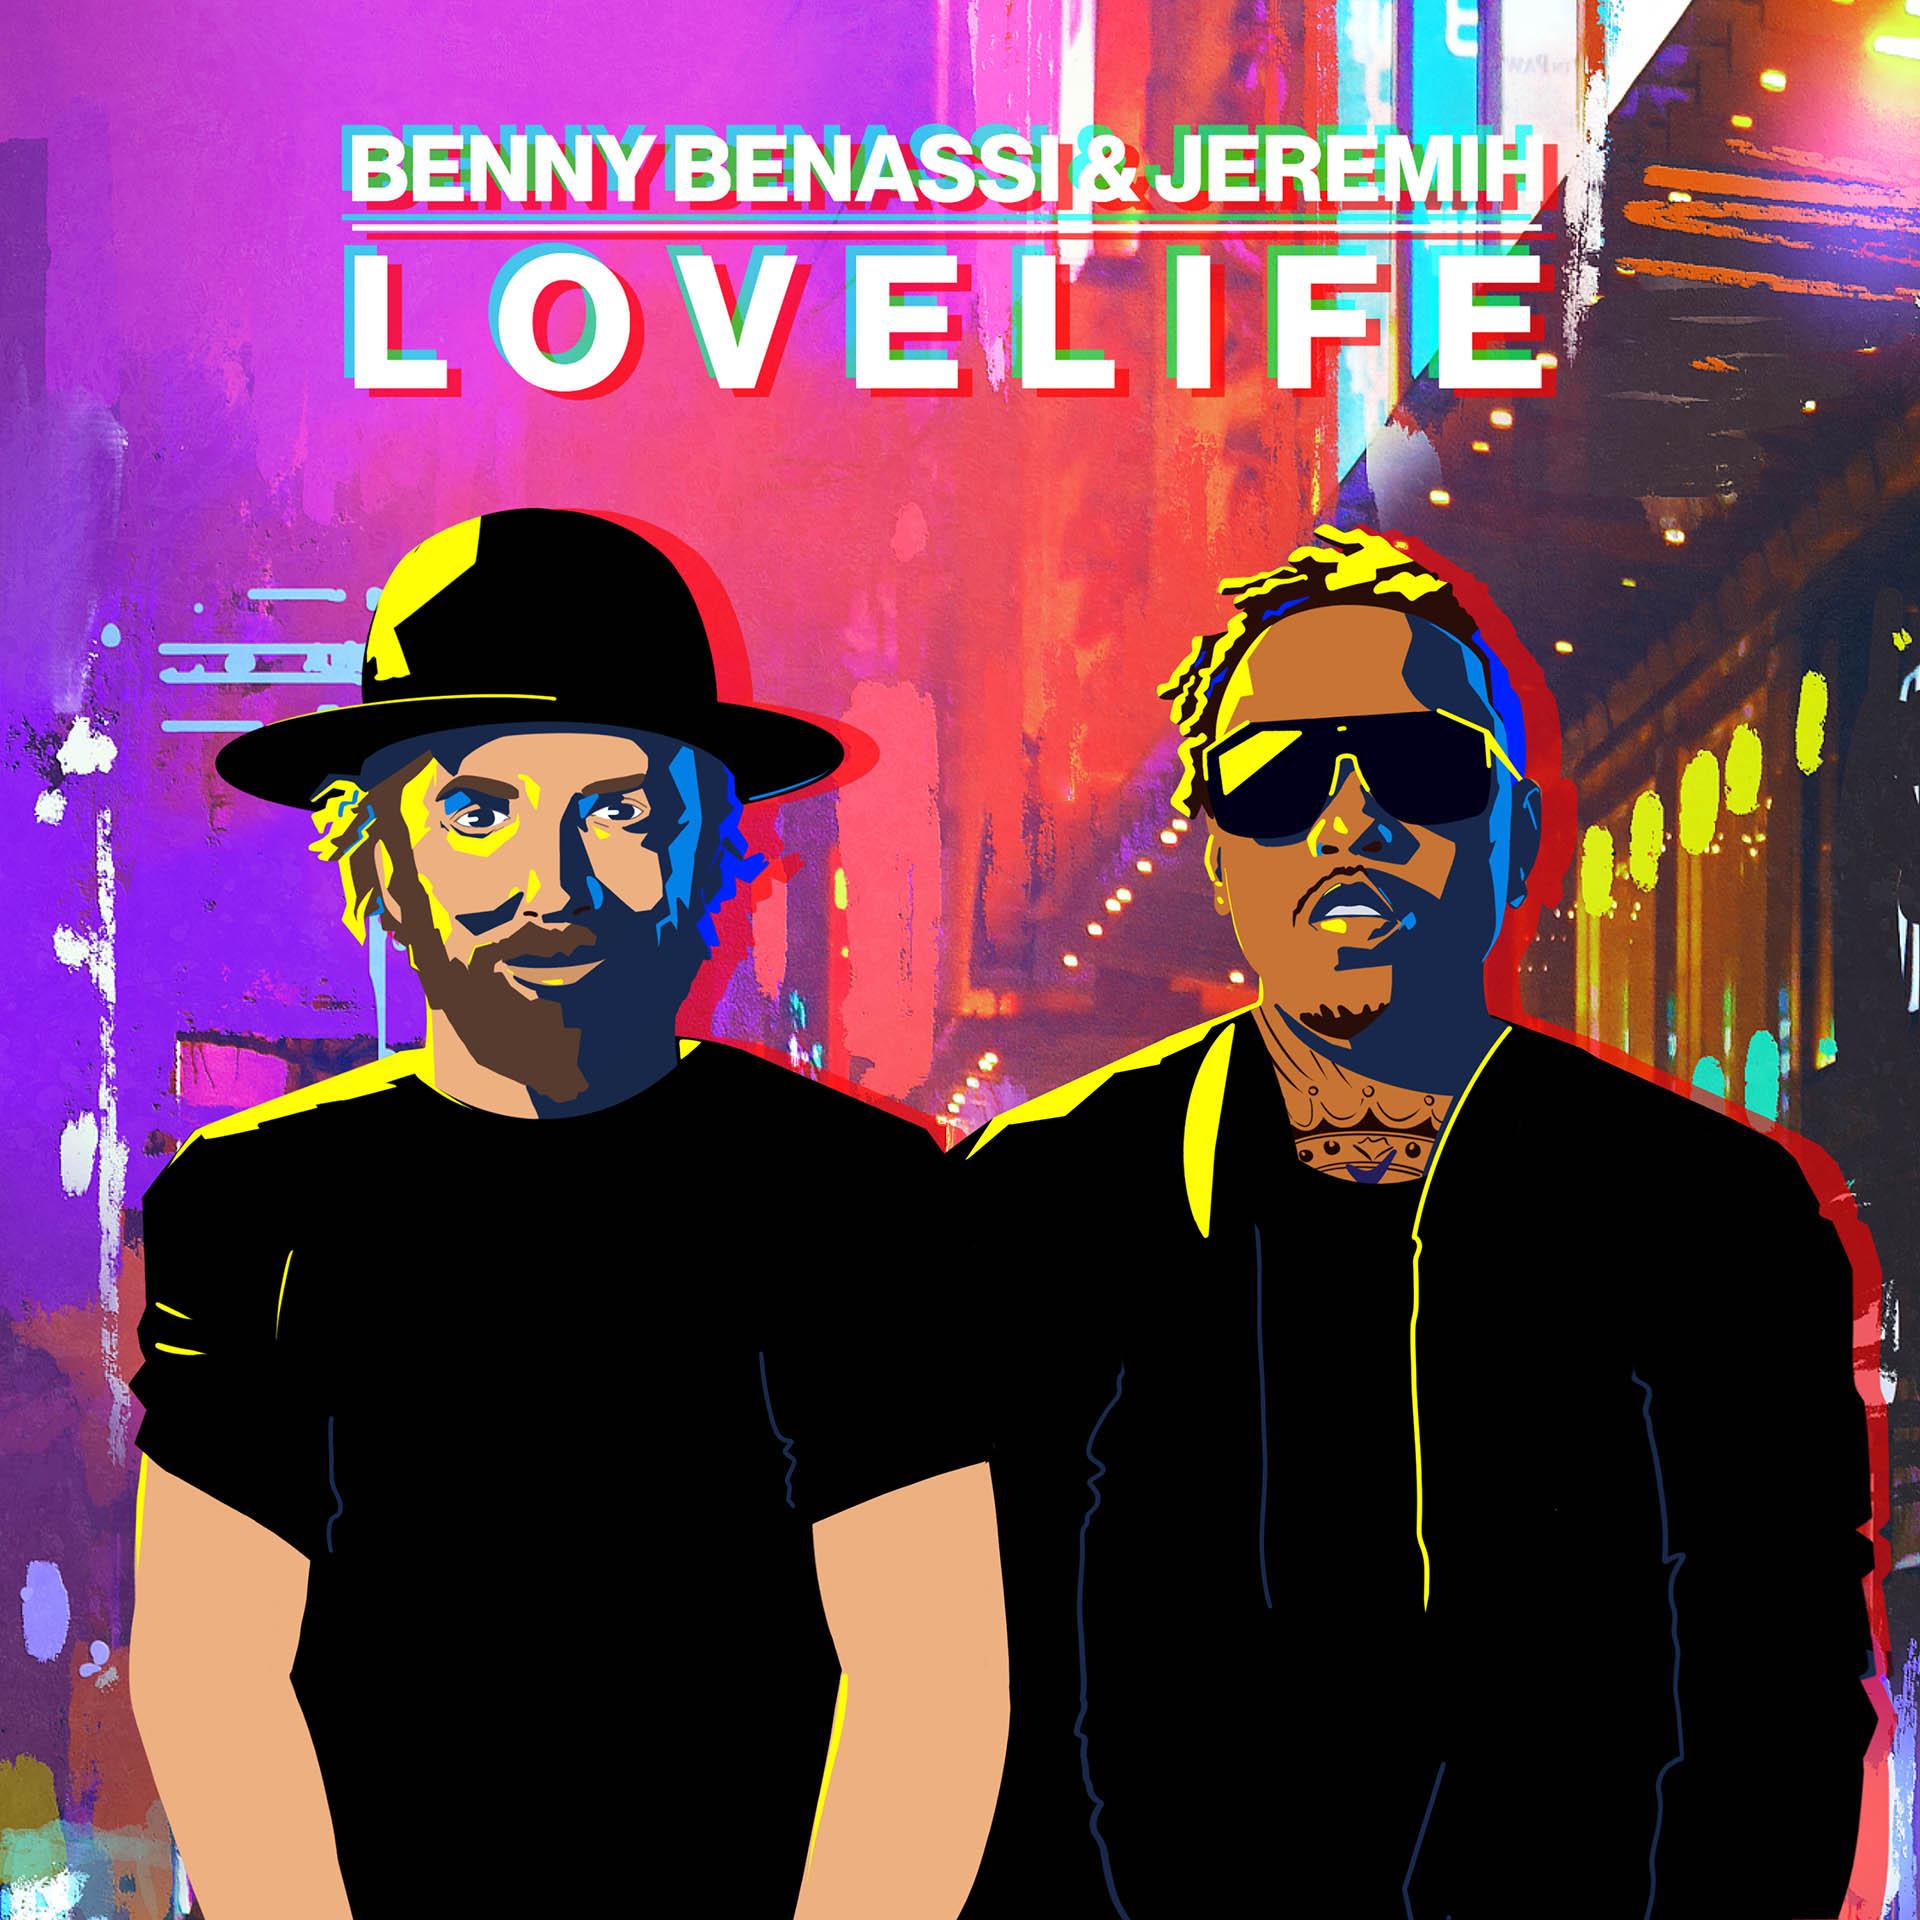 Benny Benassi & Jeremih - LOVELIFE